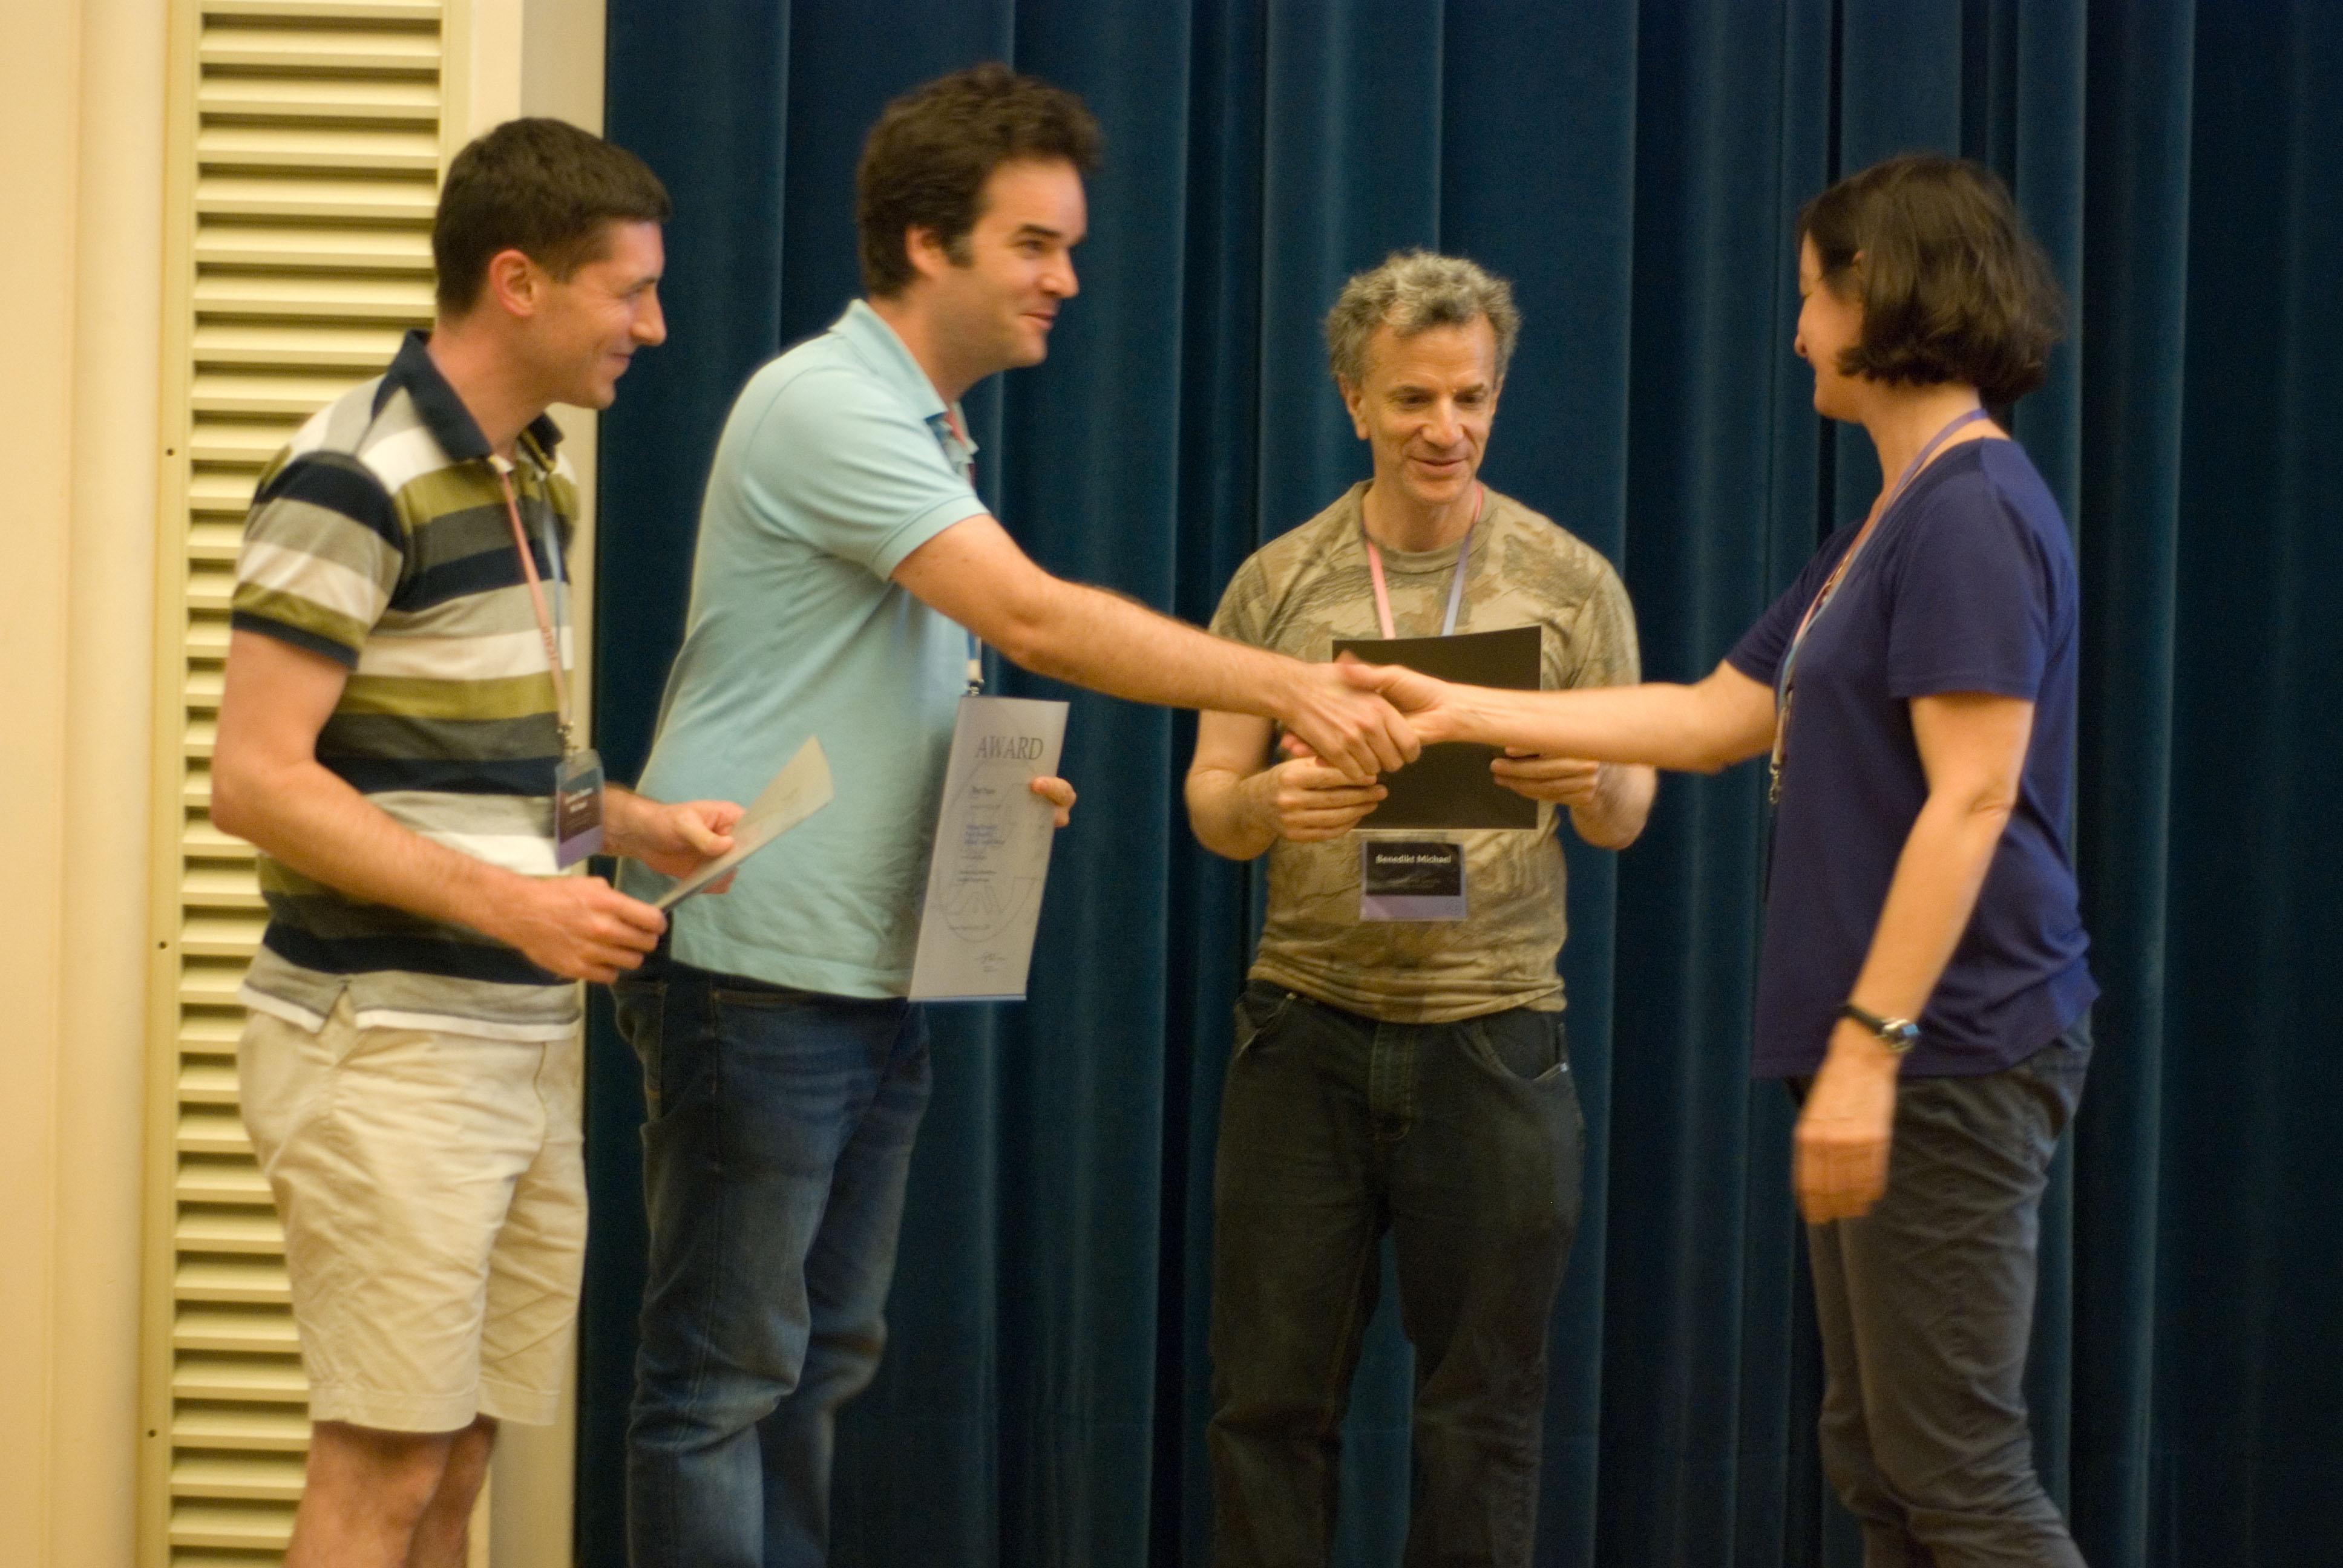 Michael Benedikt, Pierre Bourhis and Michael Vanden Boom receive ICALP Track B Best Paper Award